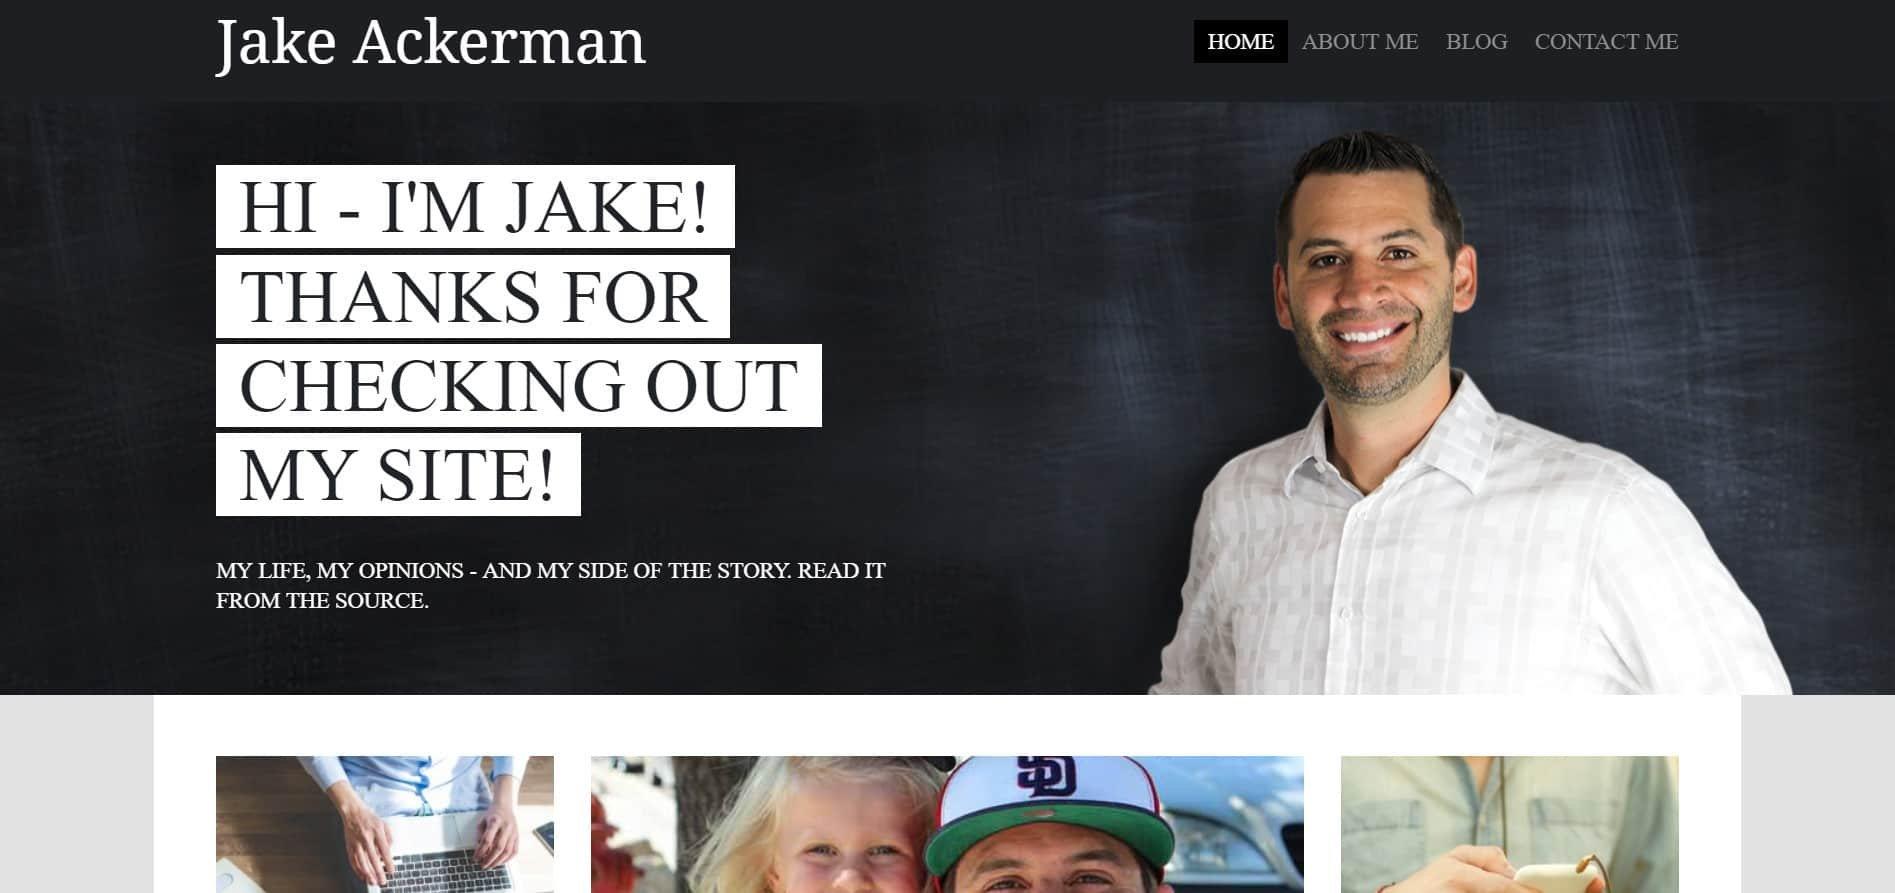 Jake Ackerman